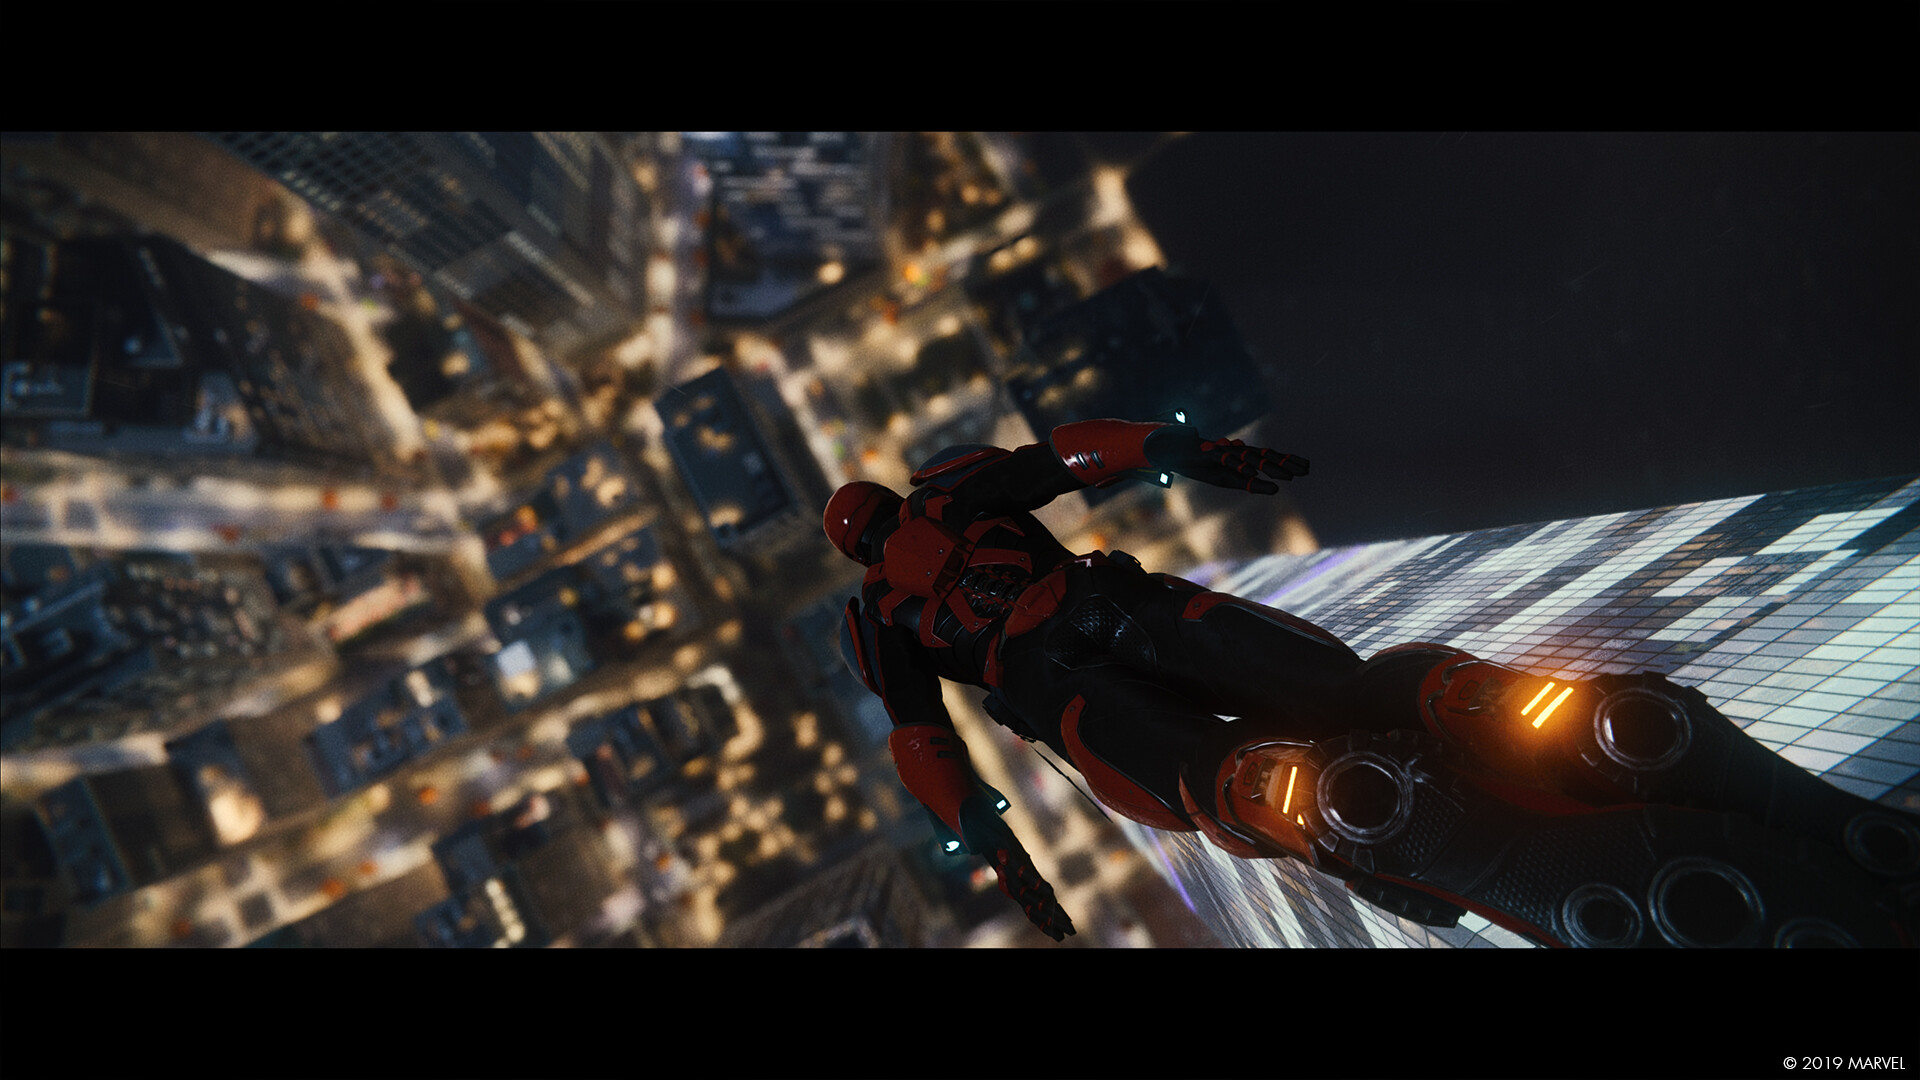 Dustin brown marvels spiderman photomode landscape 06